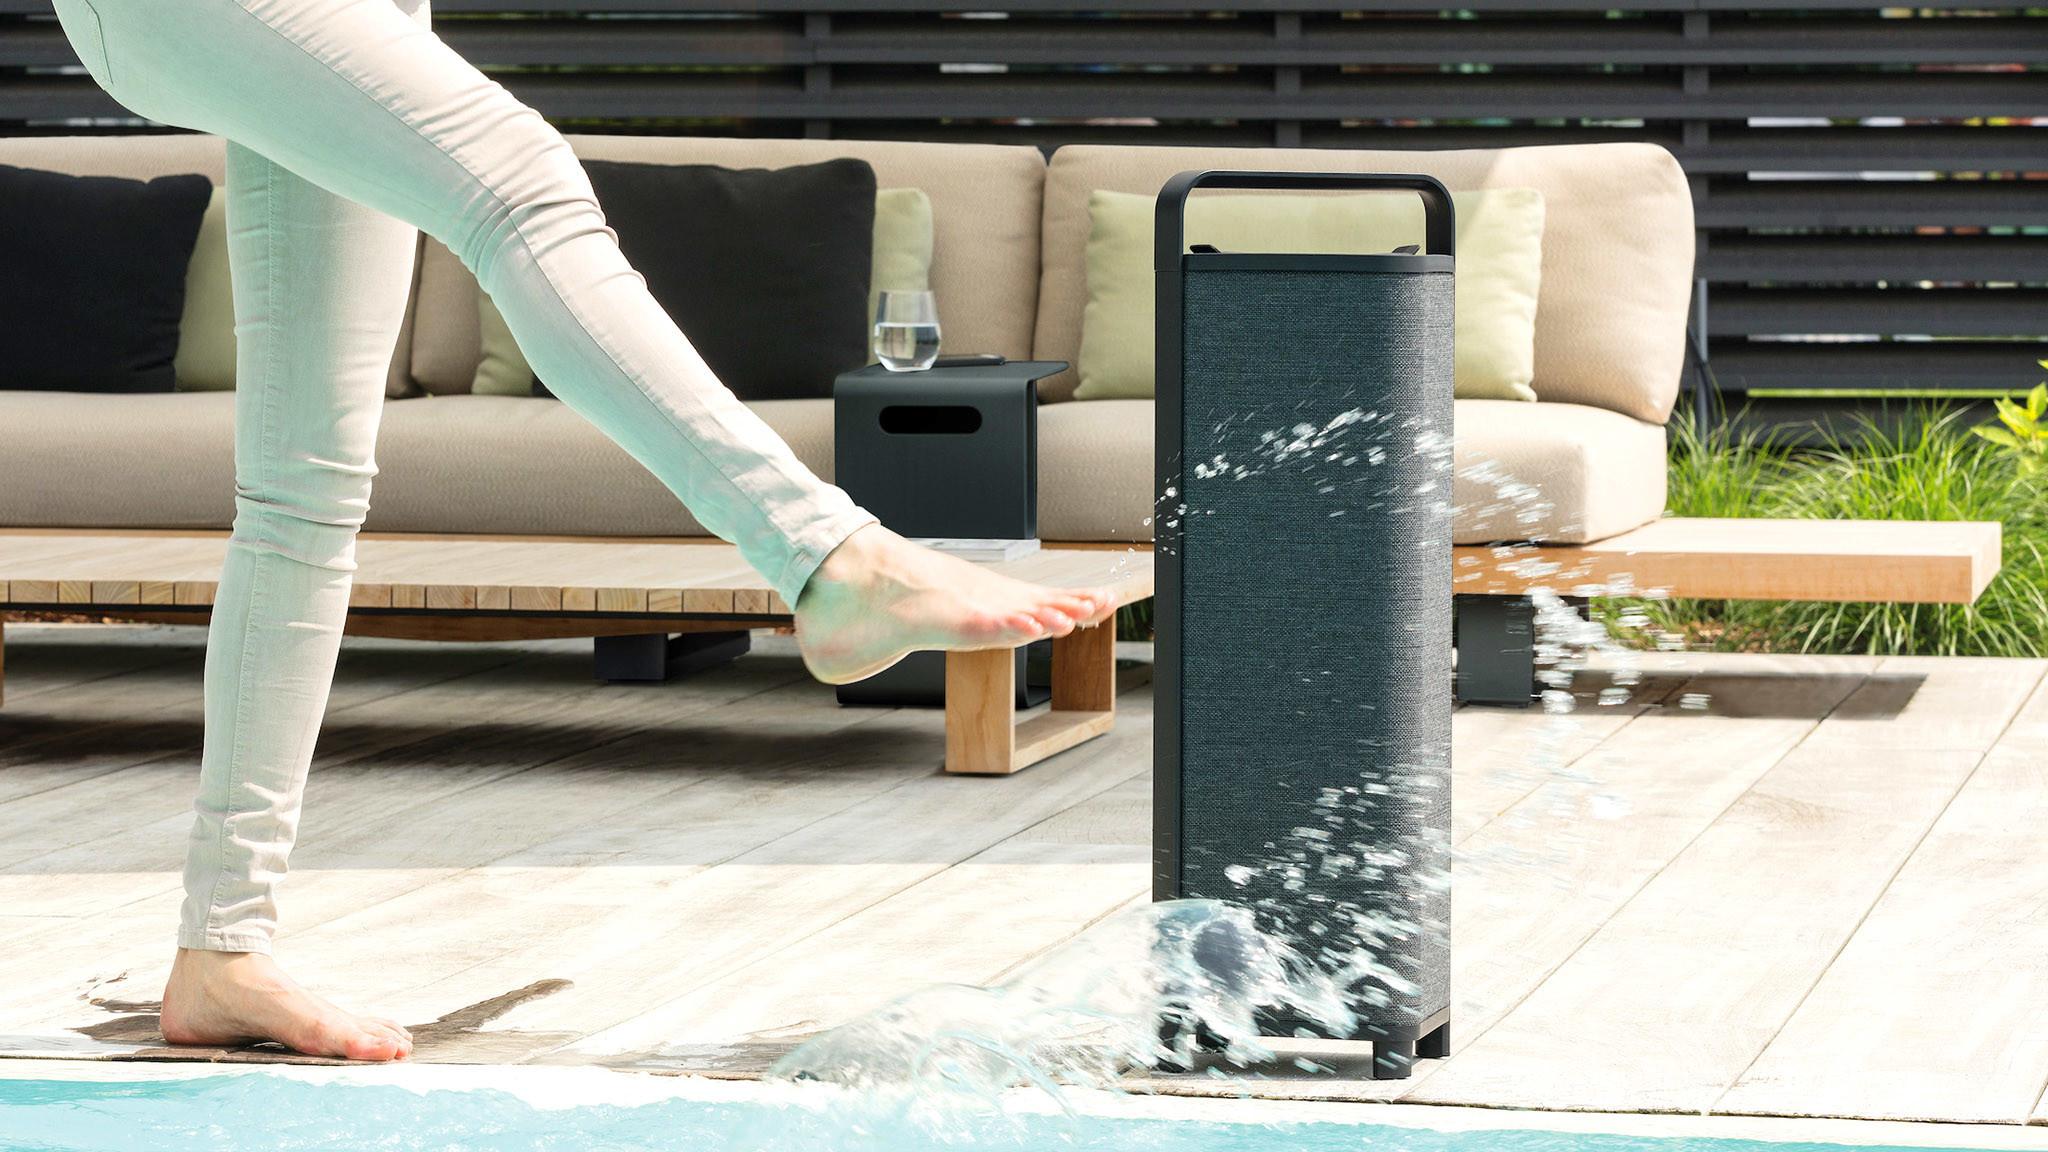 Bluetooth-Lautsprecher Escape P9 im Test: Guter Klang für drinnen und draußen Escape P9 im Test: Der Bluetooth-Lautsprecher verträgt auch ein paar Wasserspritzer.©Escape